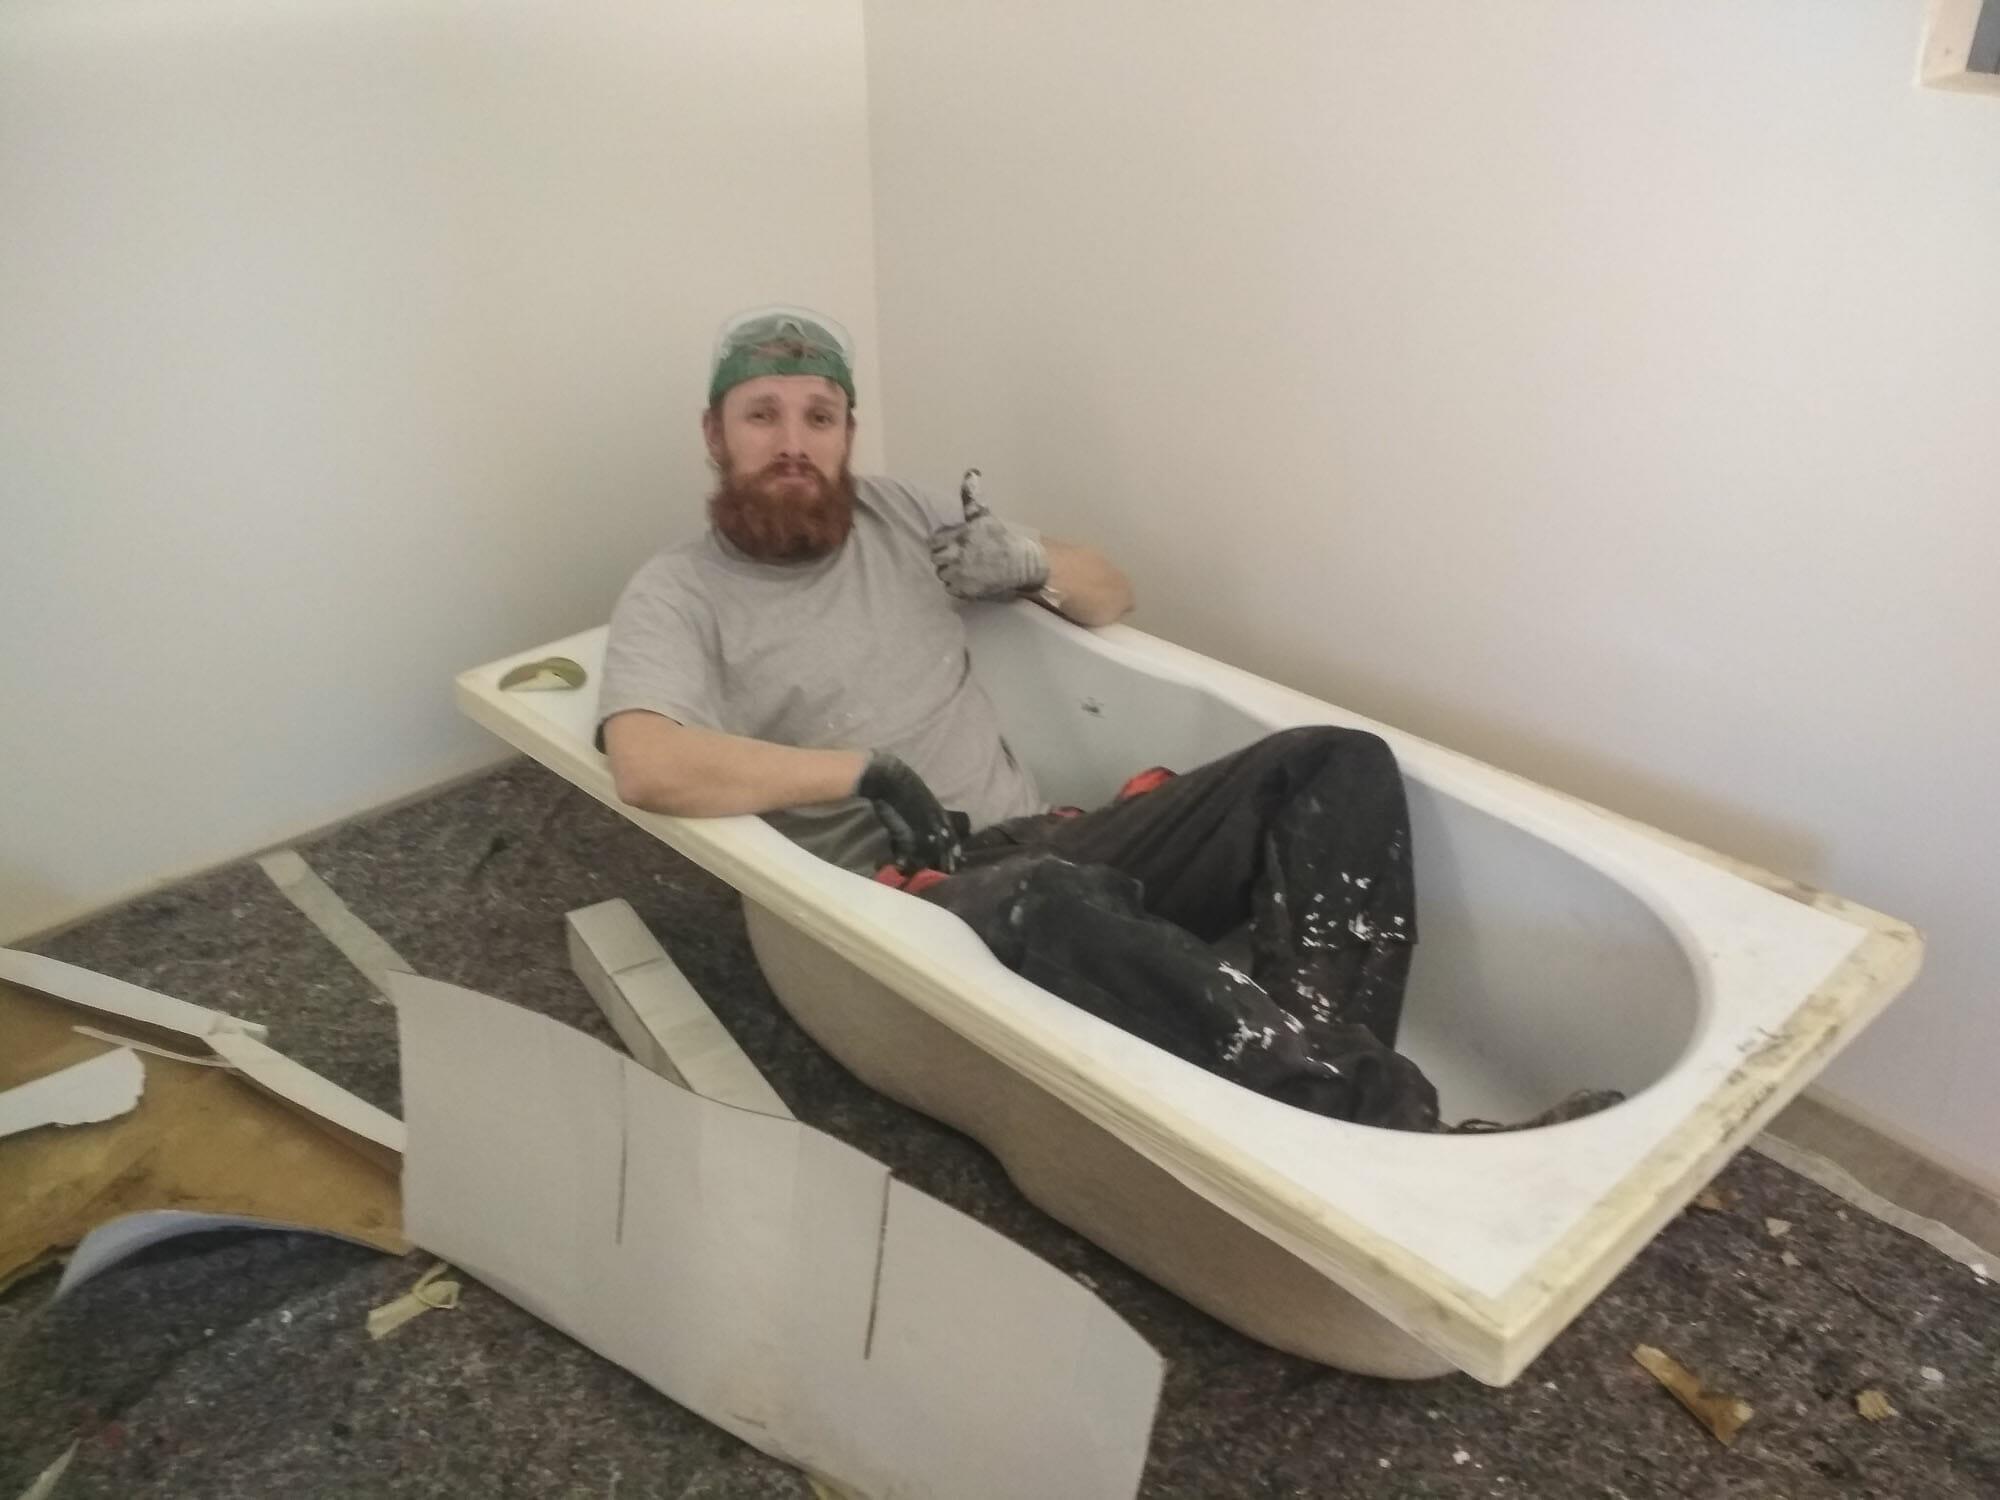 Einrichtung TIny House, Badewanne in der Bauphase